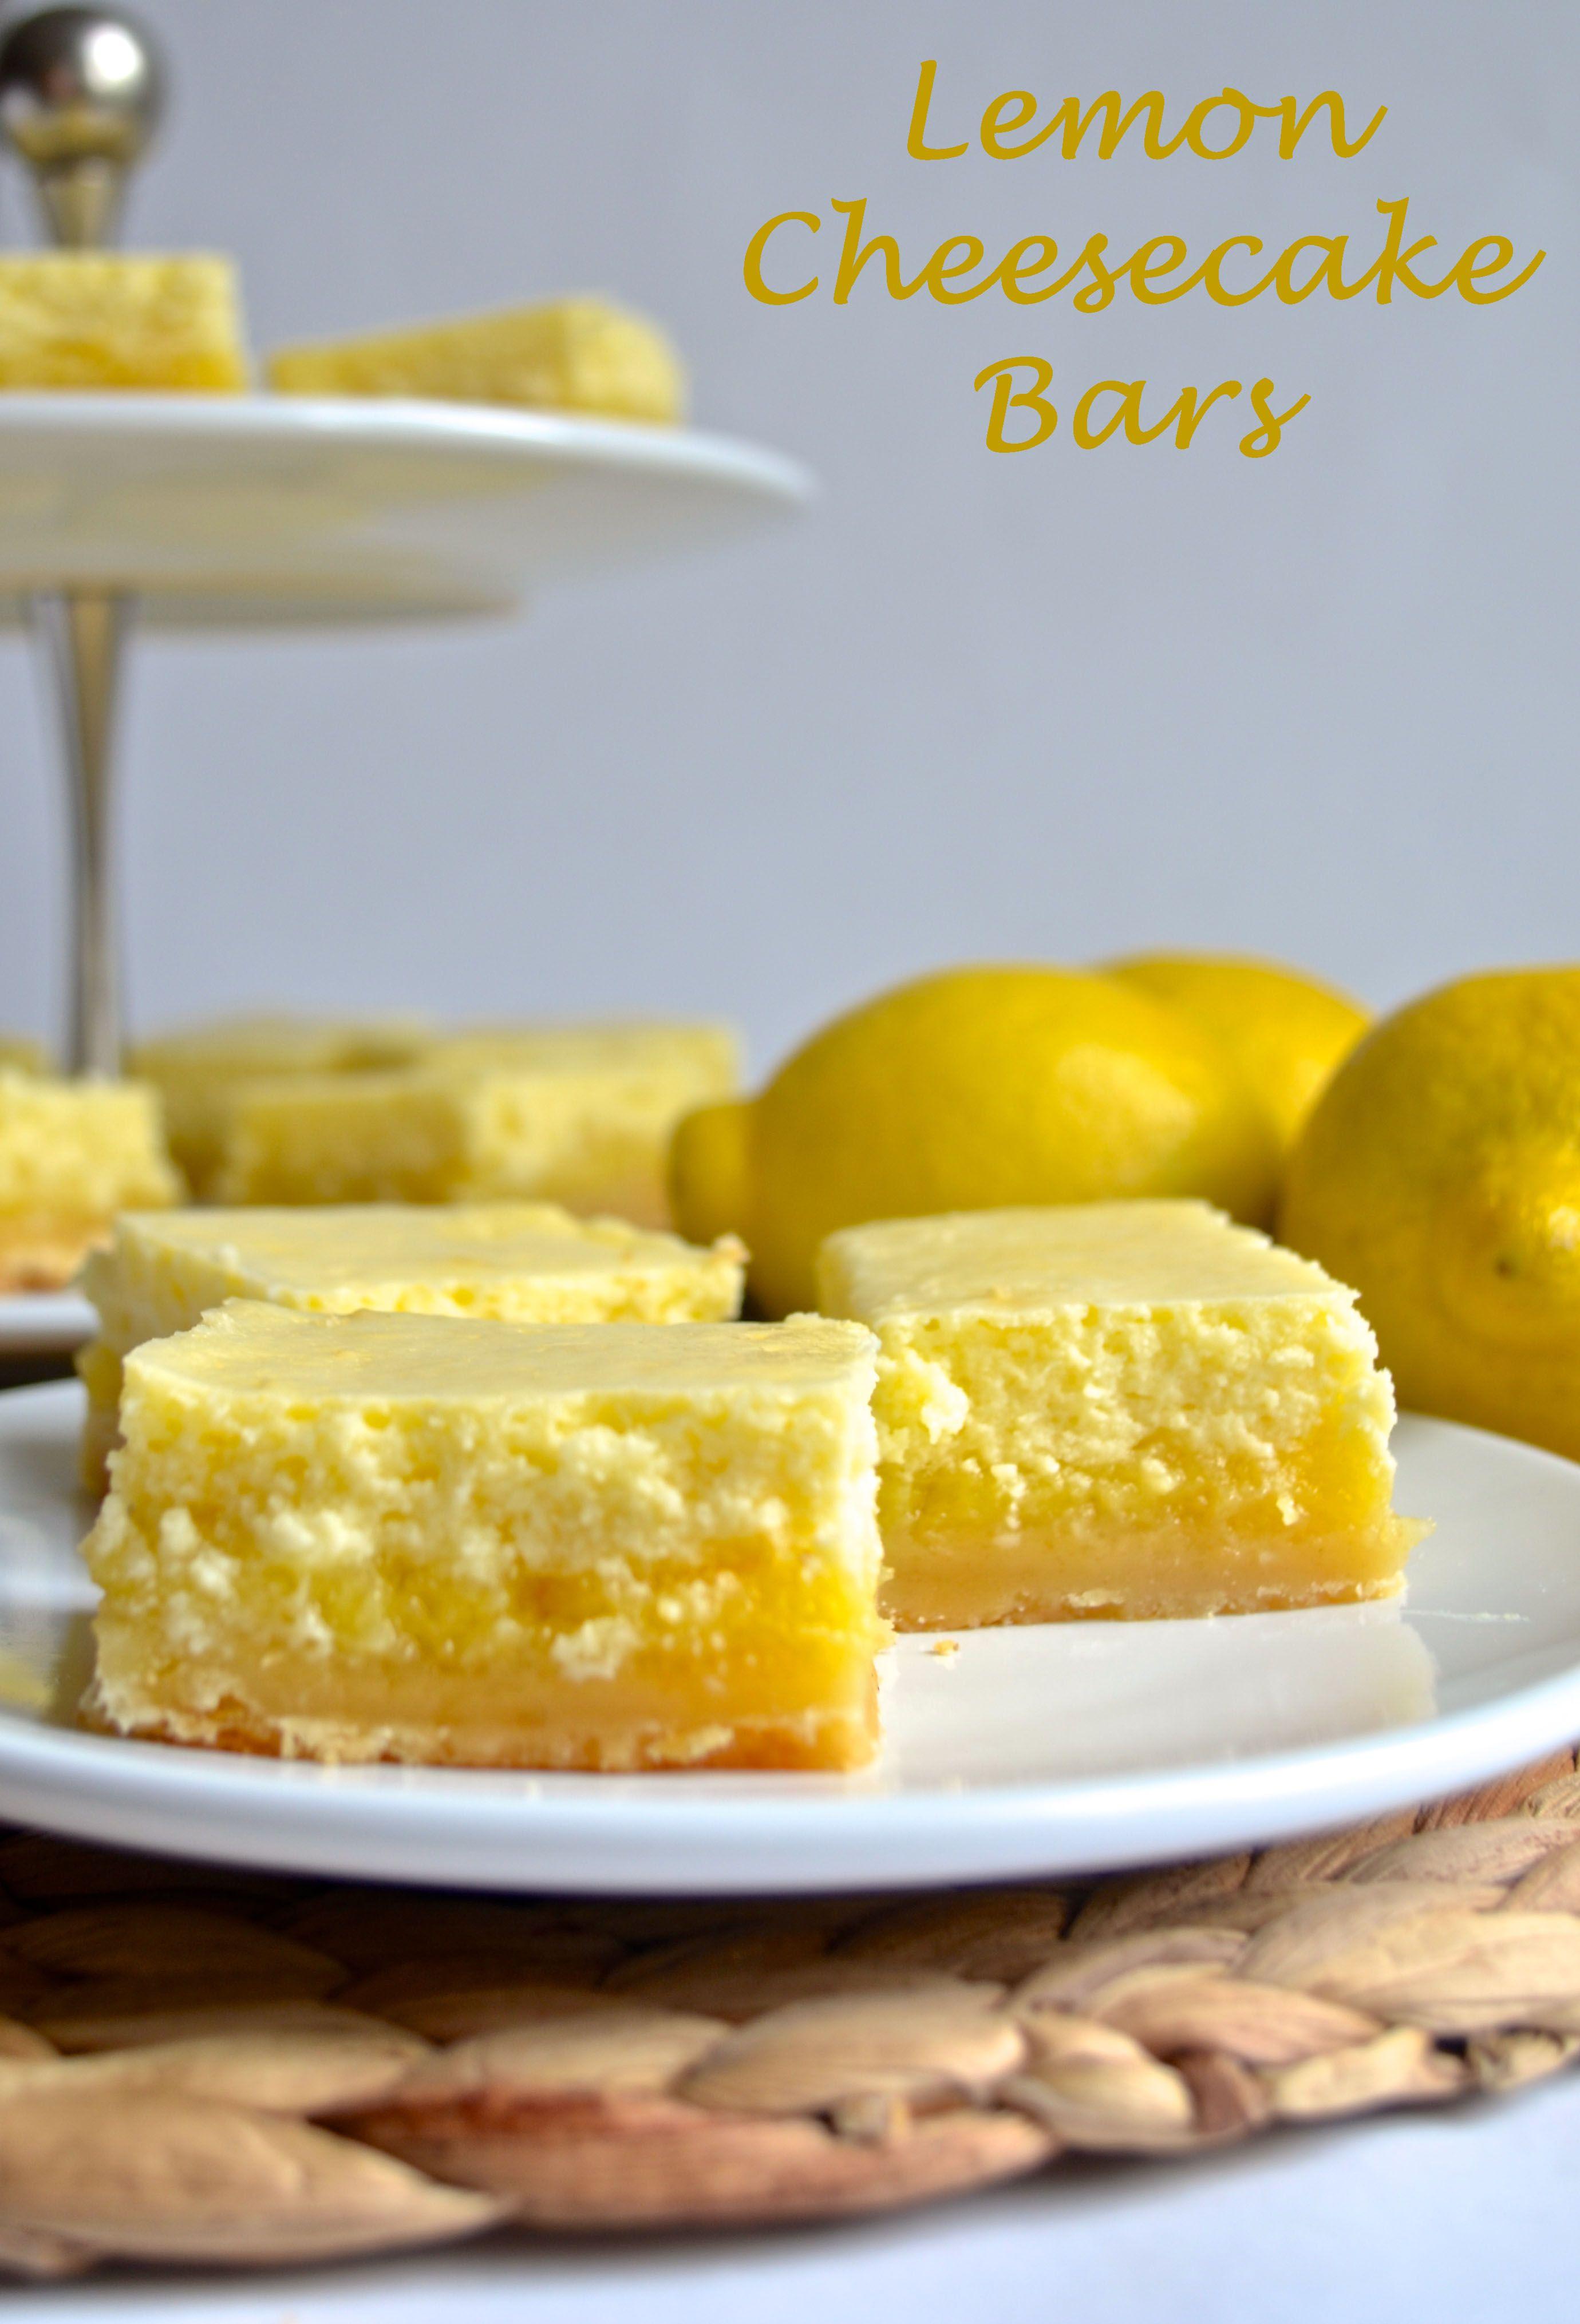 lemon cheesecake bars | pale yellow